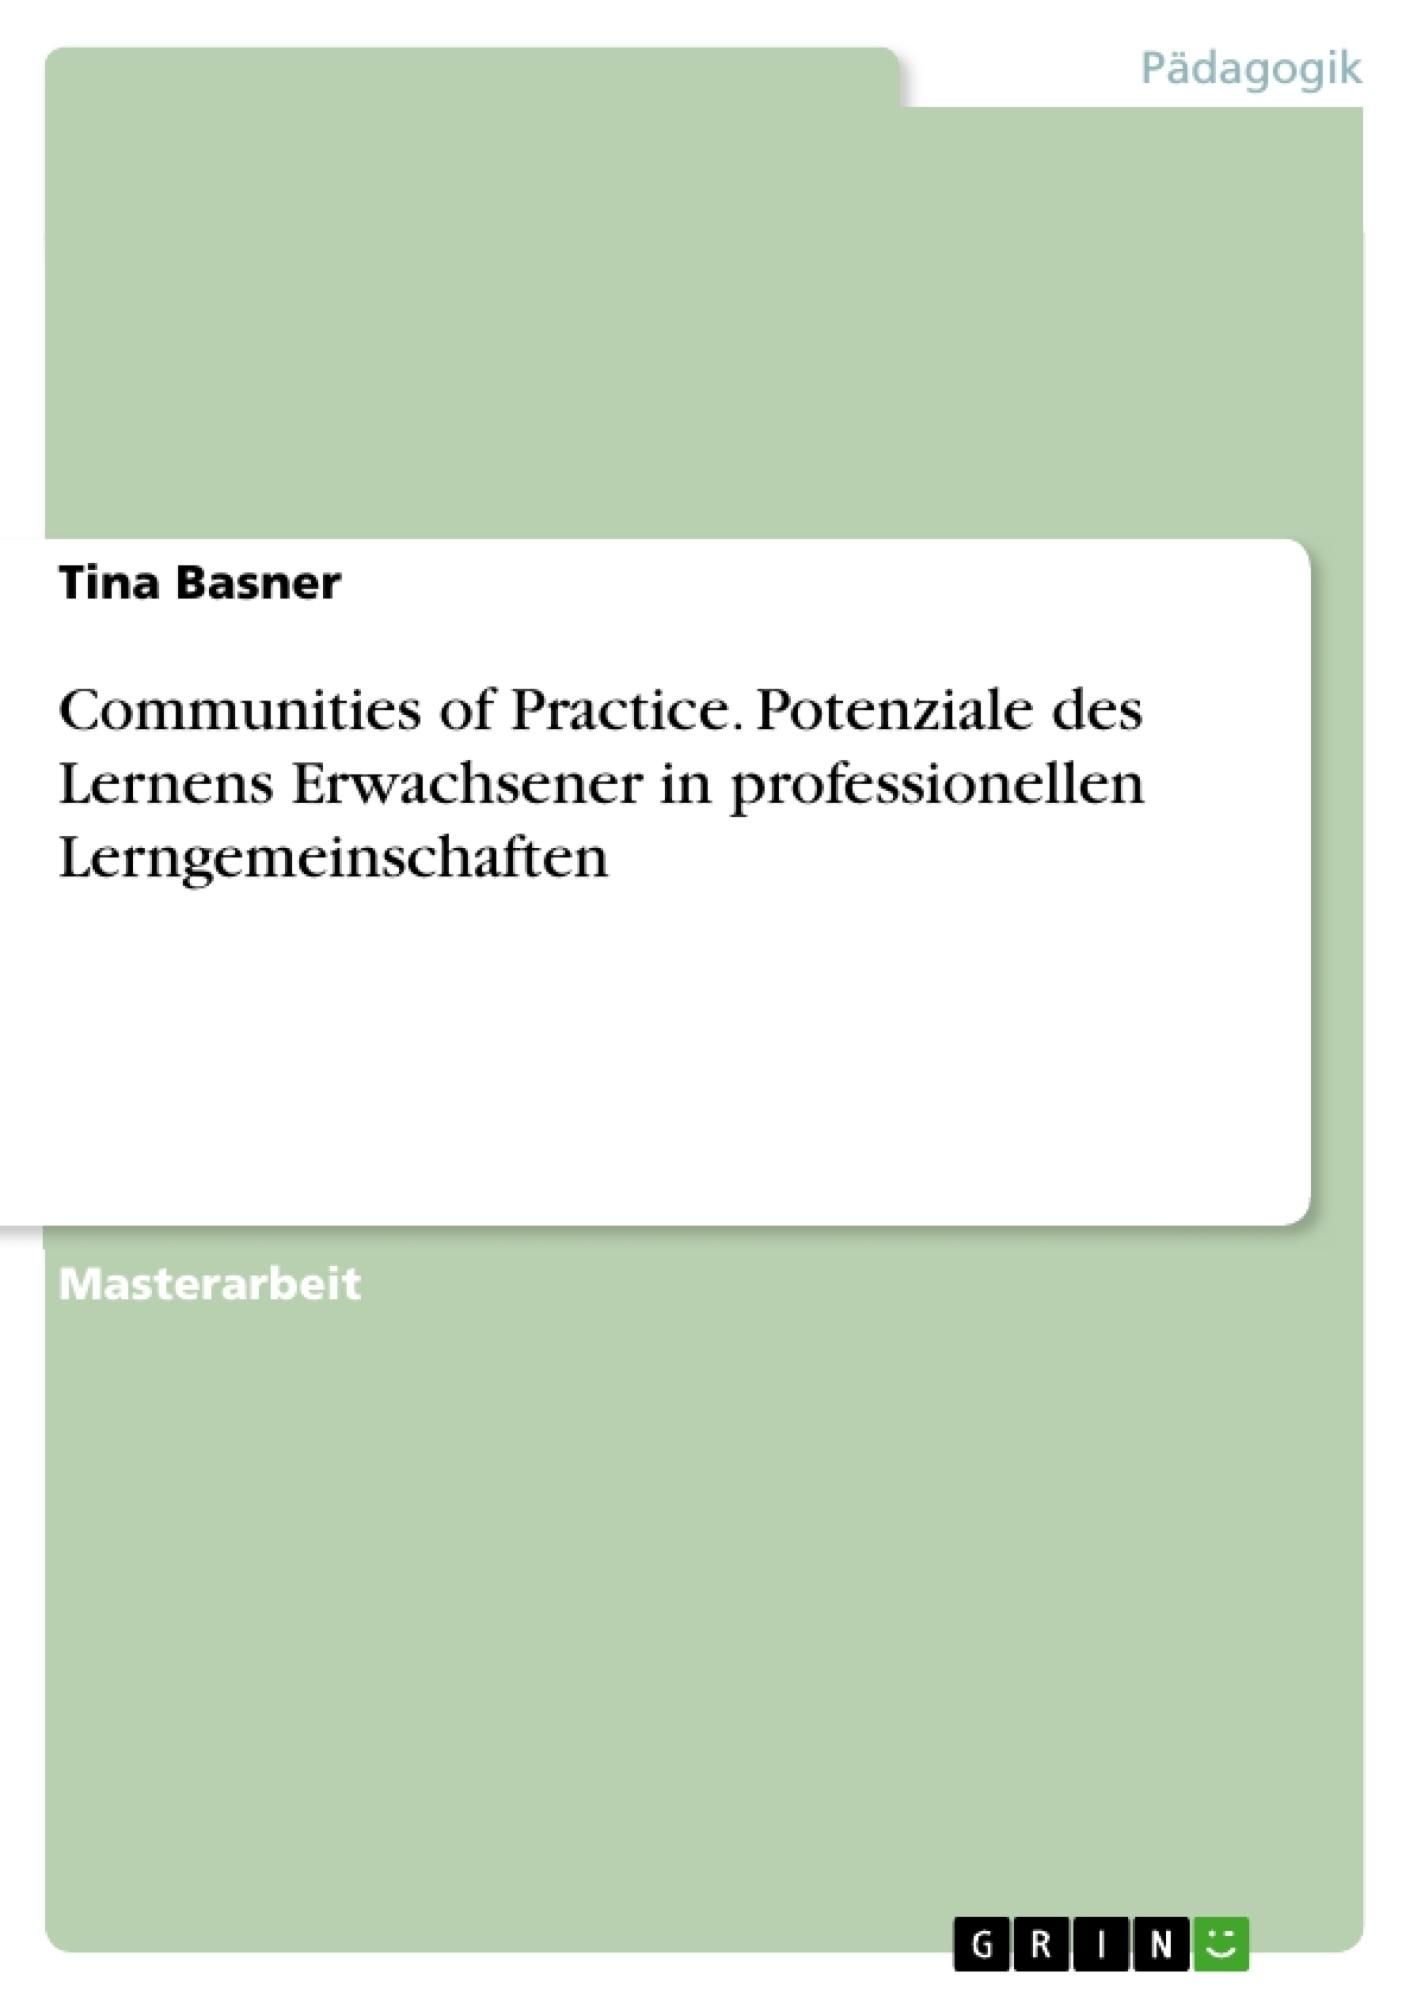 Titel: Communities of Practice. Potenziale des Lernens Erwachsener in professionellen Lerngemeinschaften